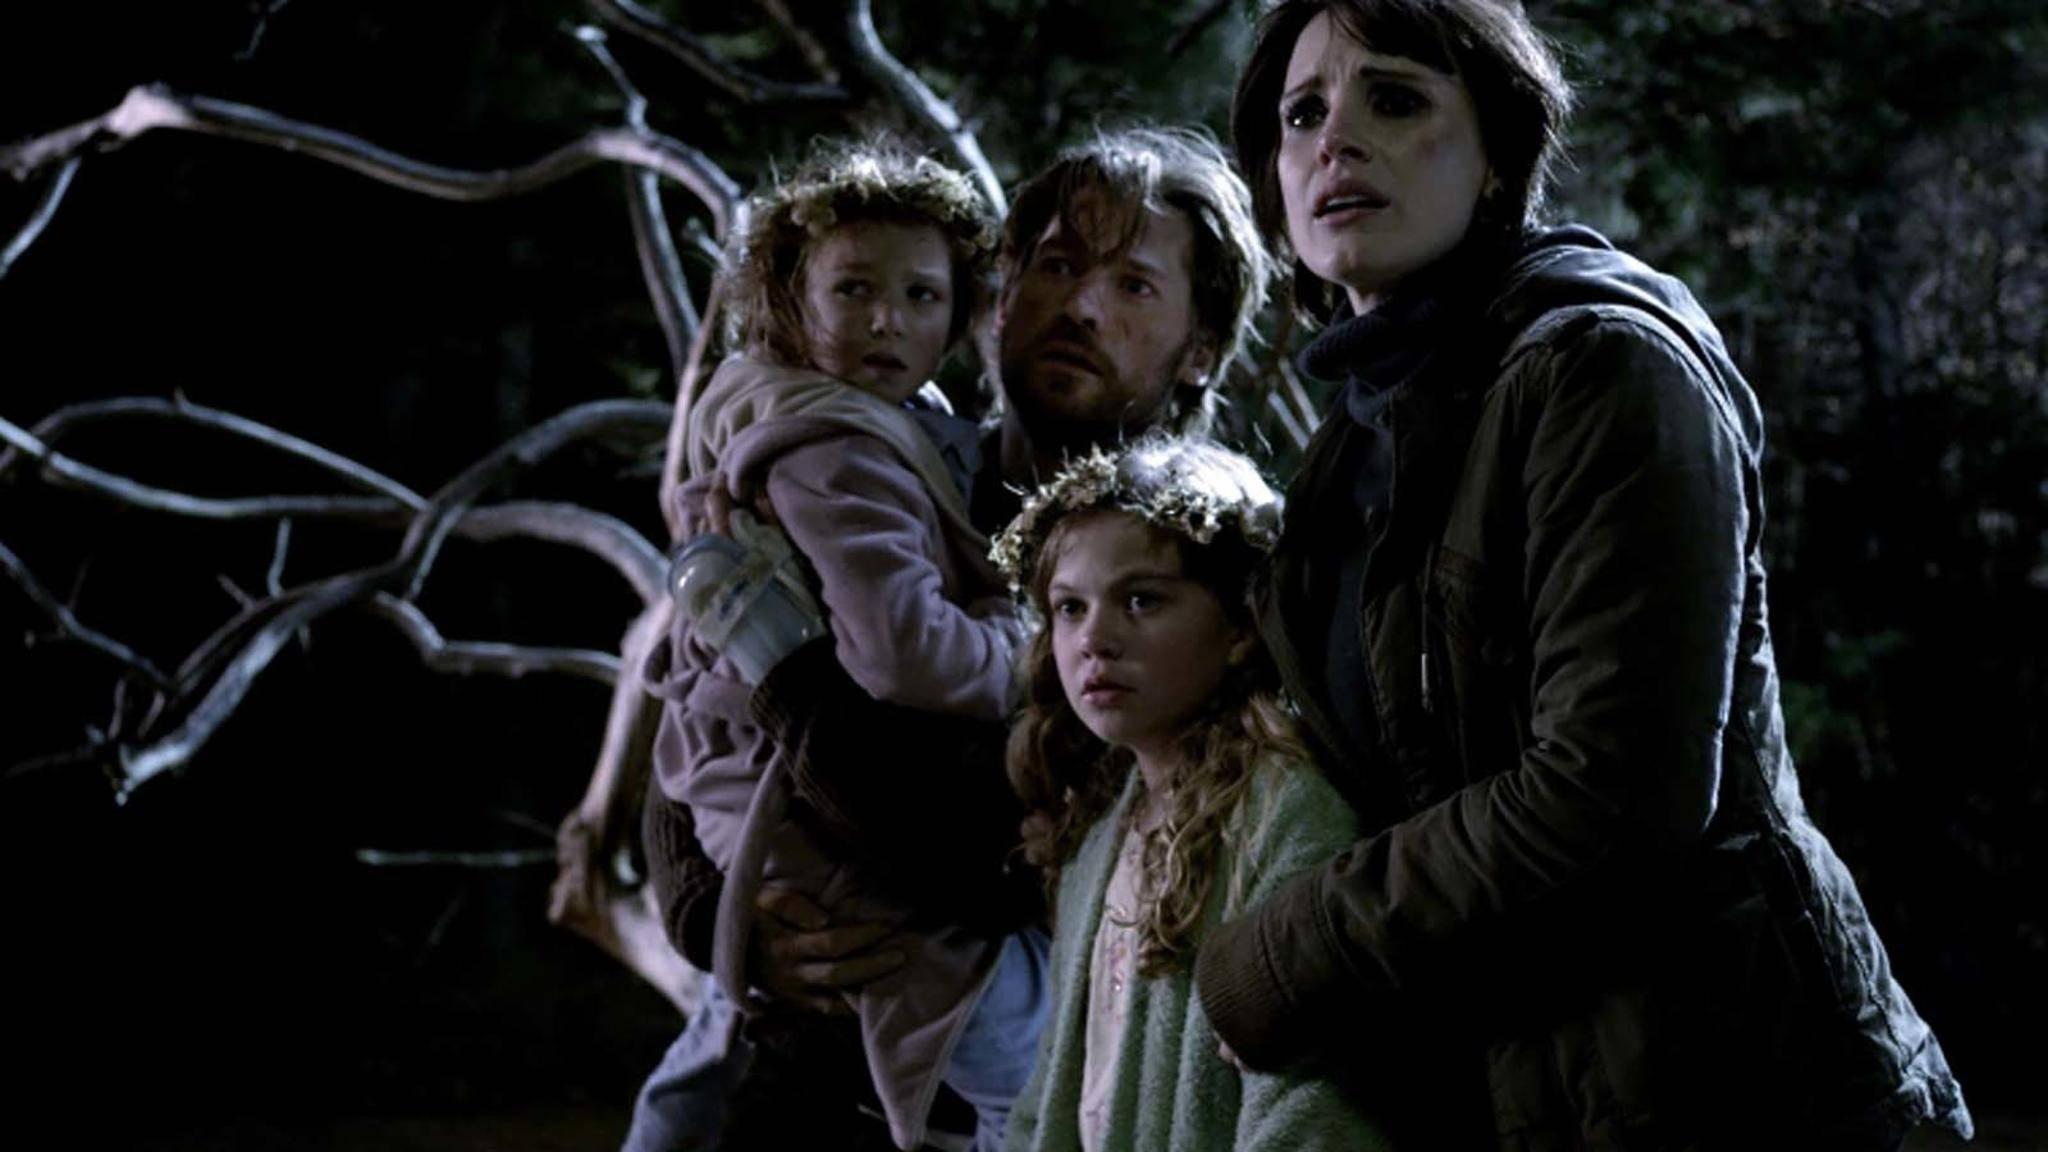 """Geisterfilme wie """"Mama"""" sind für schaurig-schöne Schreckmomente gut."""